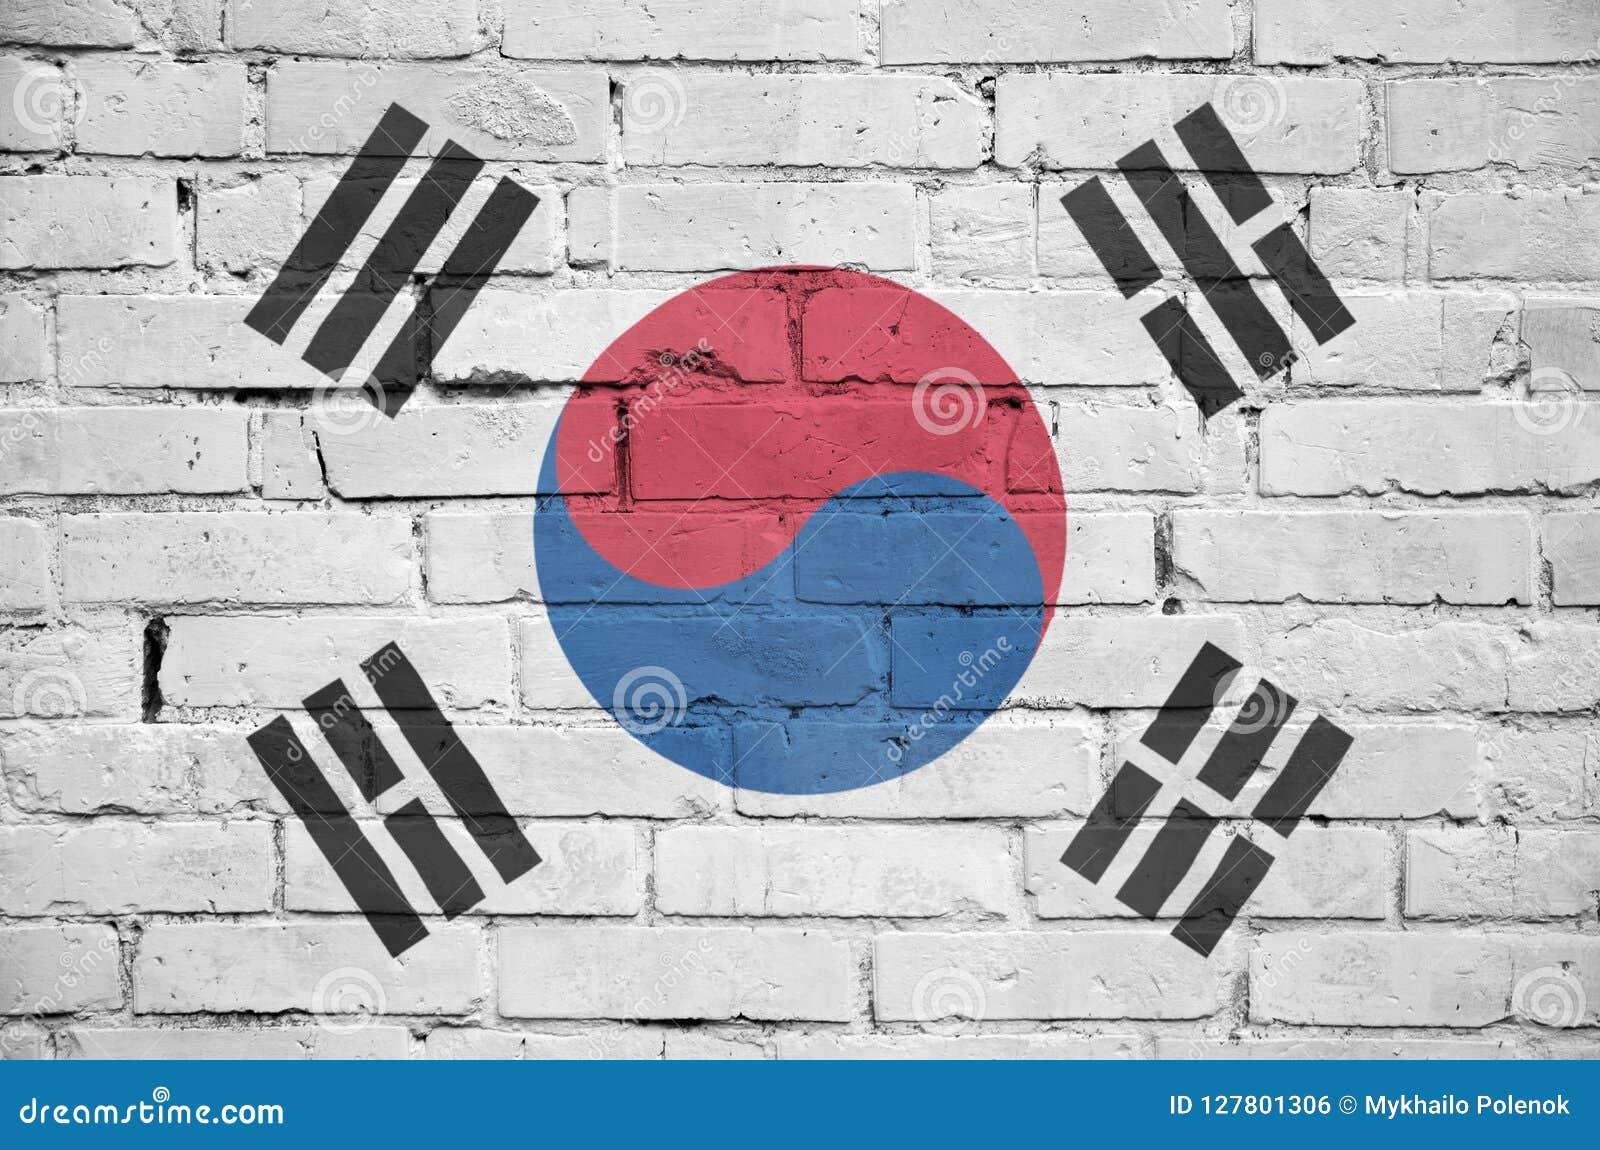 Η σημαία της Νότιας Κορέας είναι χρωματισμένη επάνω σε έναν παλαιό τουβλότοιχο